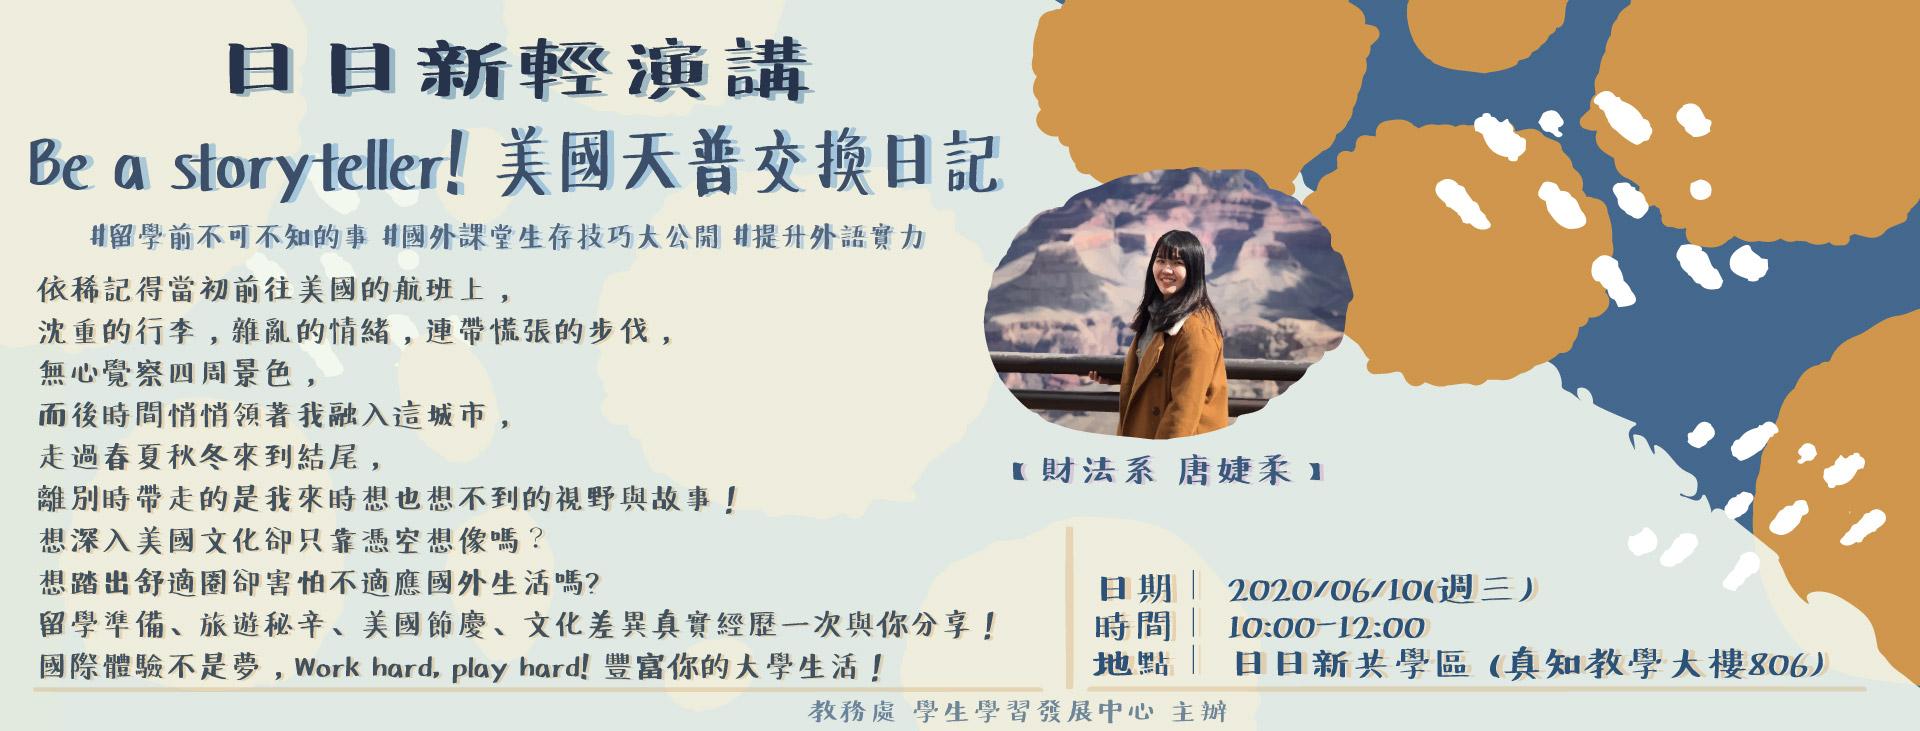 日日新輕演講|06/10 Be a storyteller! 美國天普交換日記